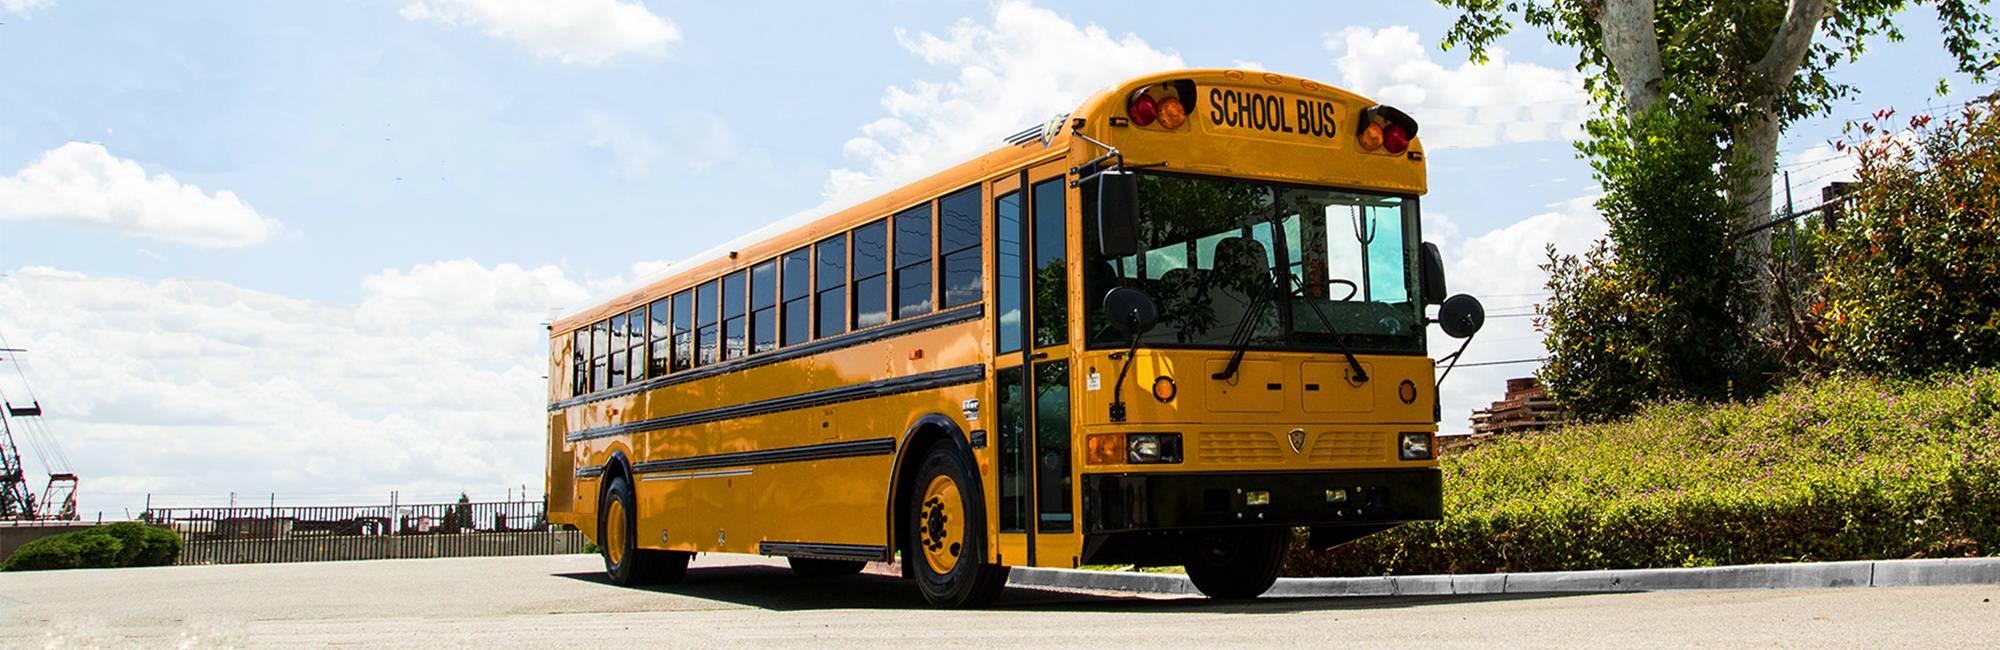 Type D School Bus